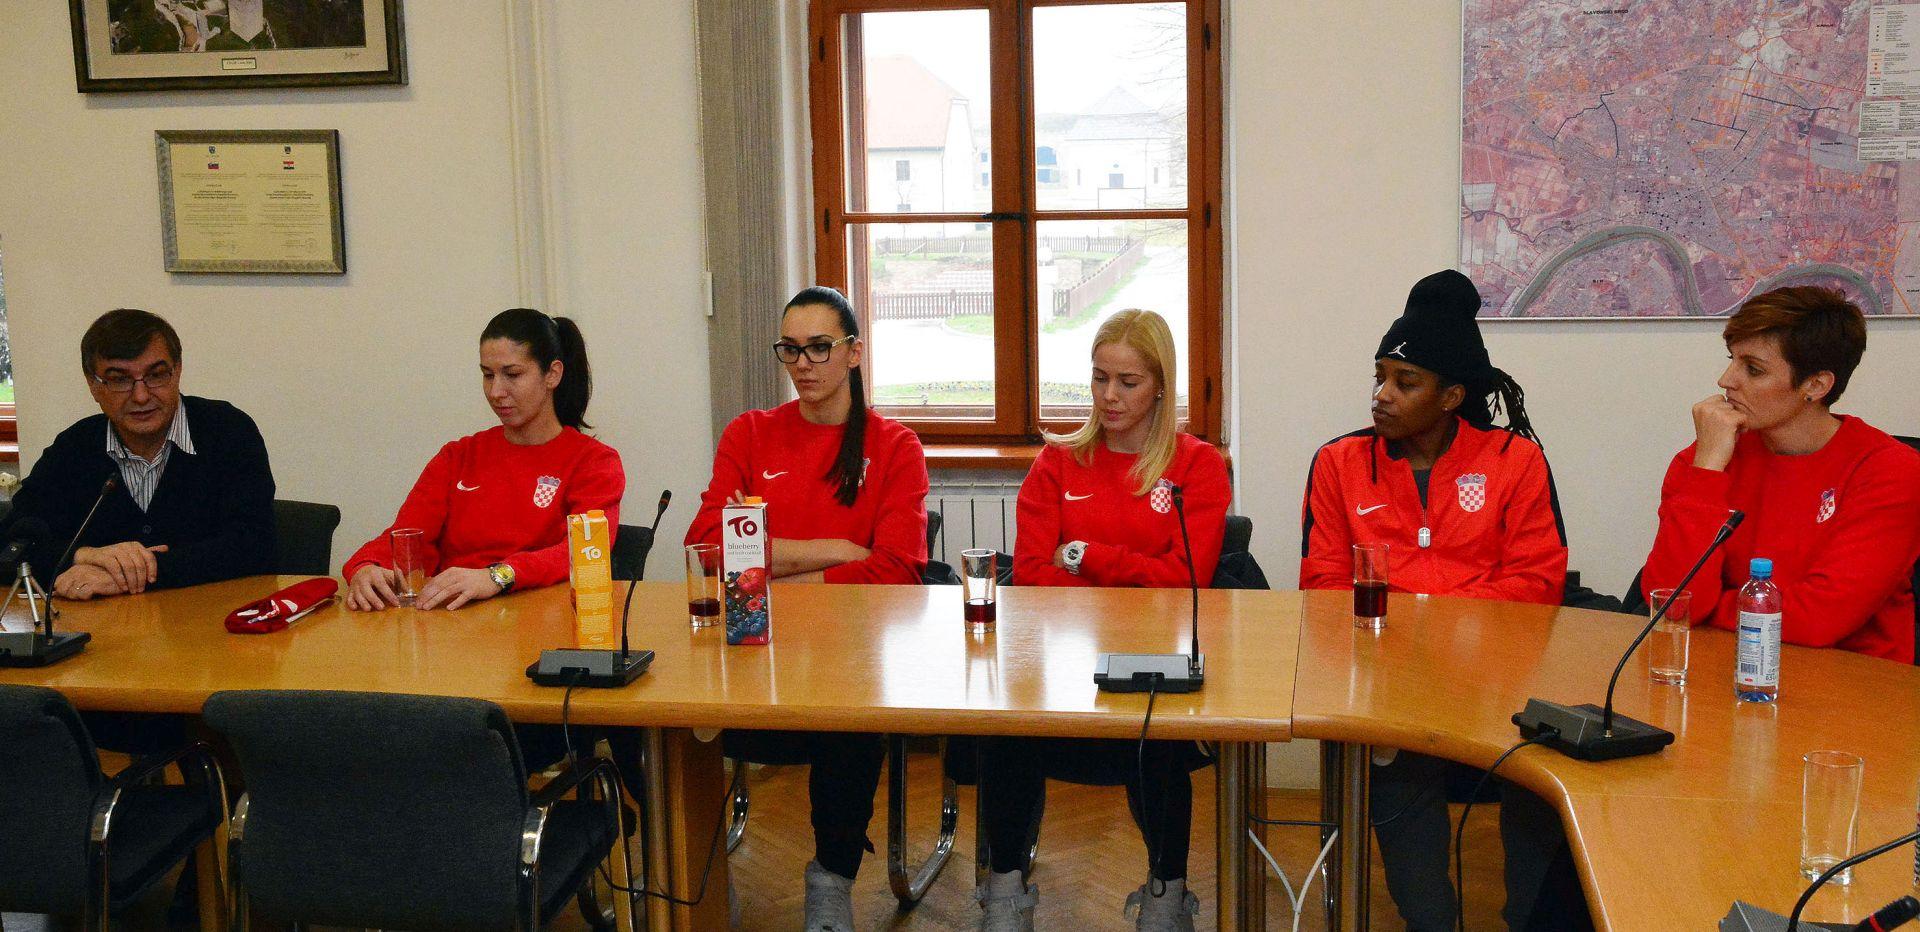 NAJAVLJEN KOŠARKAŠKI PROGRAM: Festival ženske košarke u Slavonskom Brodu